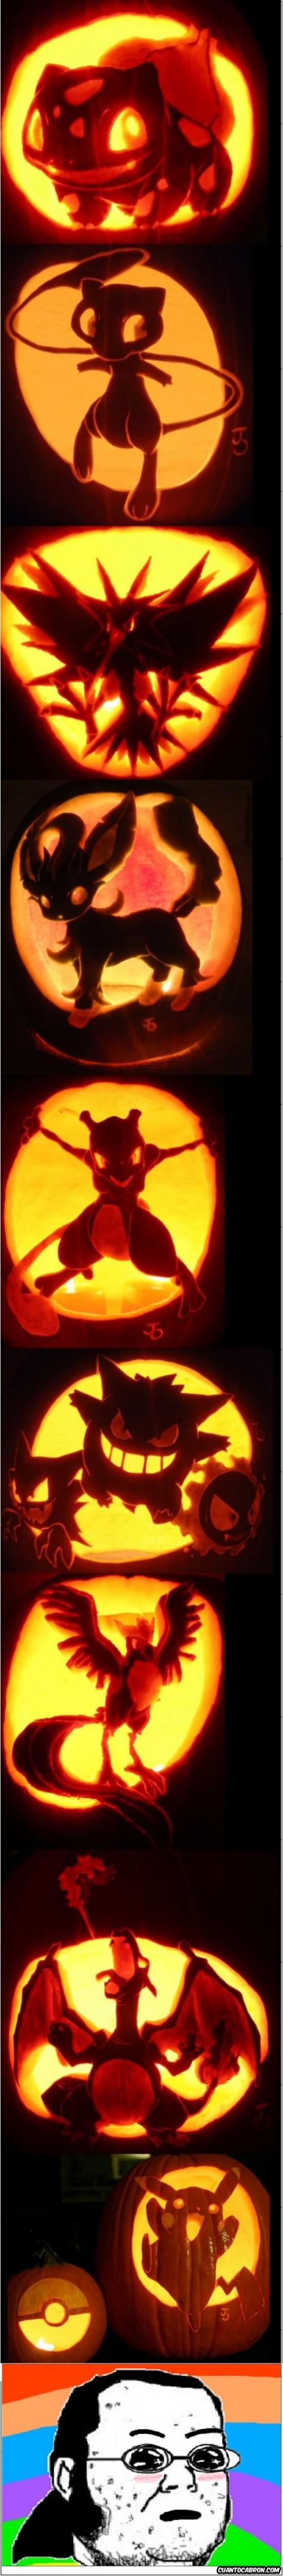 Friki - Ya tengo ideas para este Halloween